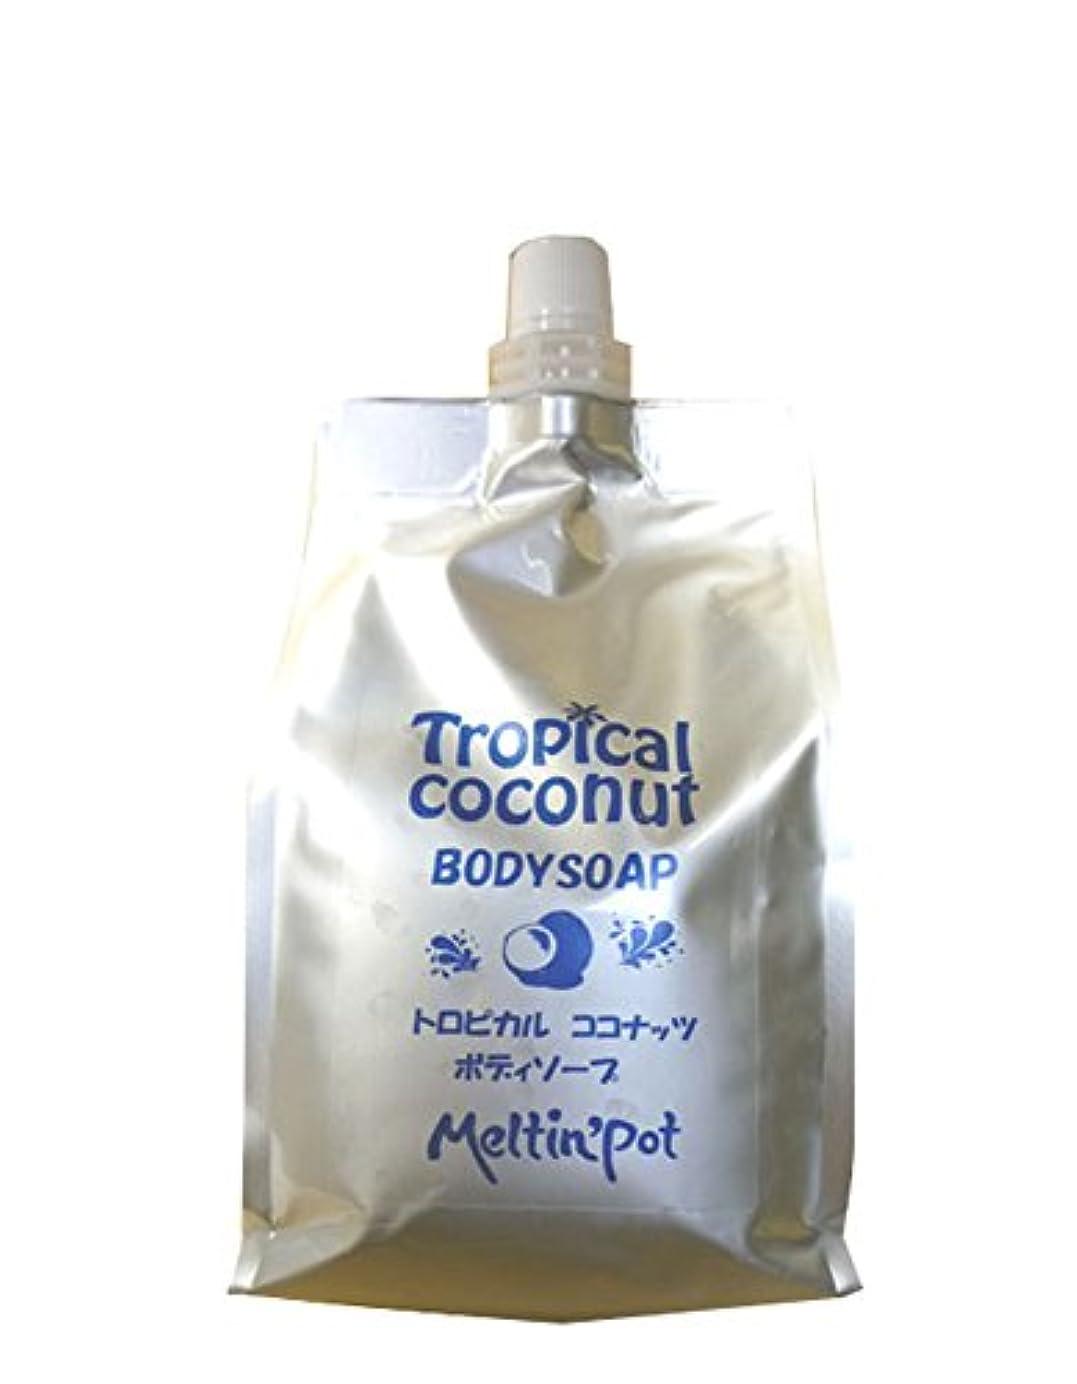 ピアースバンカーセールスマントロピカルココナッツ ボディソープ 1000ml 詰め替え Tropical coconut Body Soap 加齢臭に! [MeltinPot]